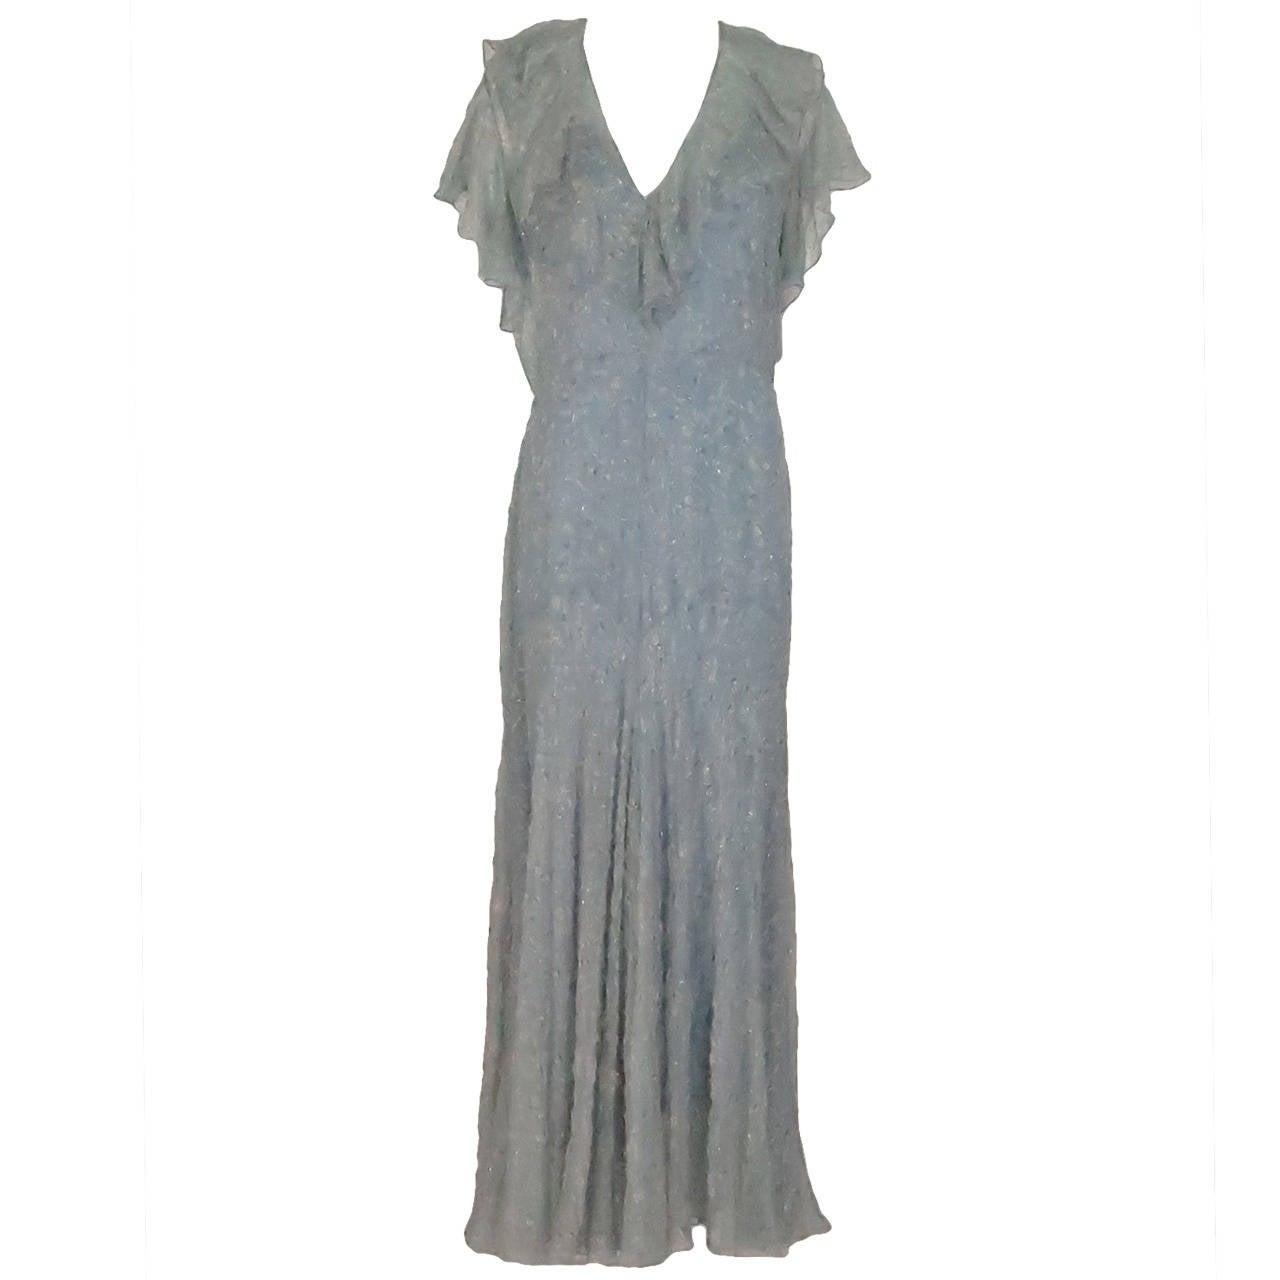 Ralph Lauren 1930s inspired bias cut beaded silk chiffon dress